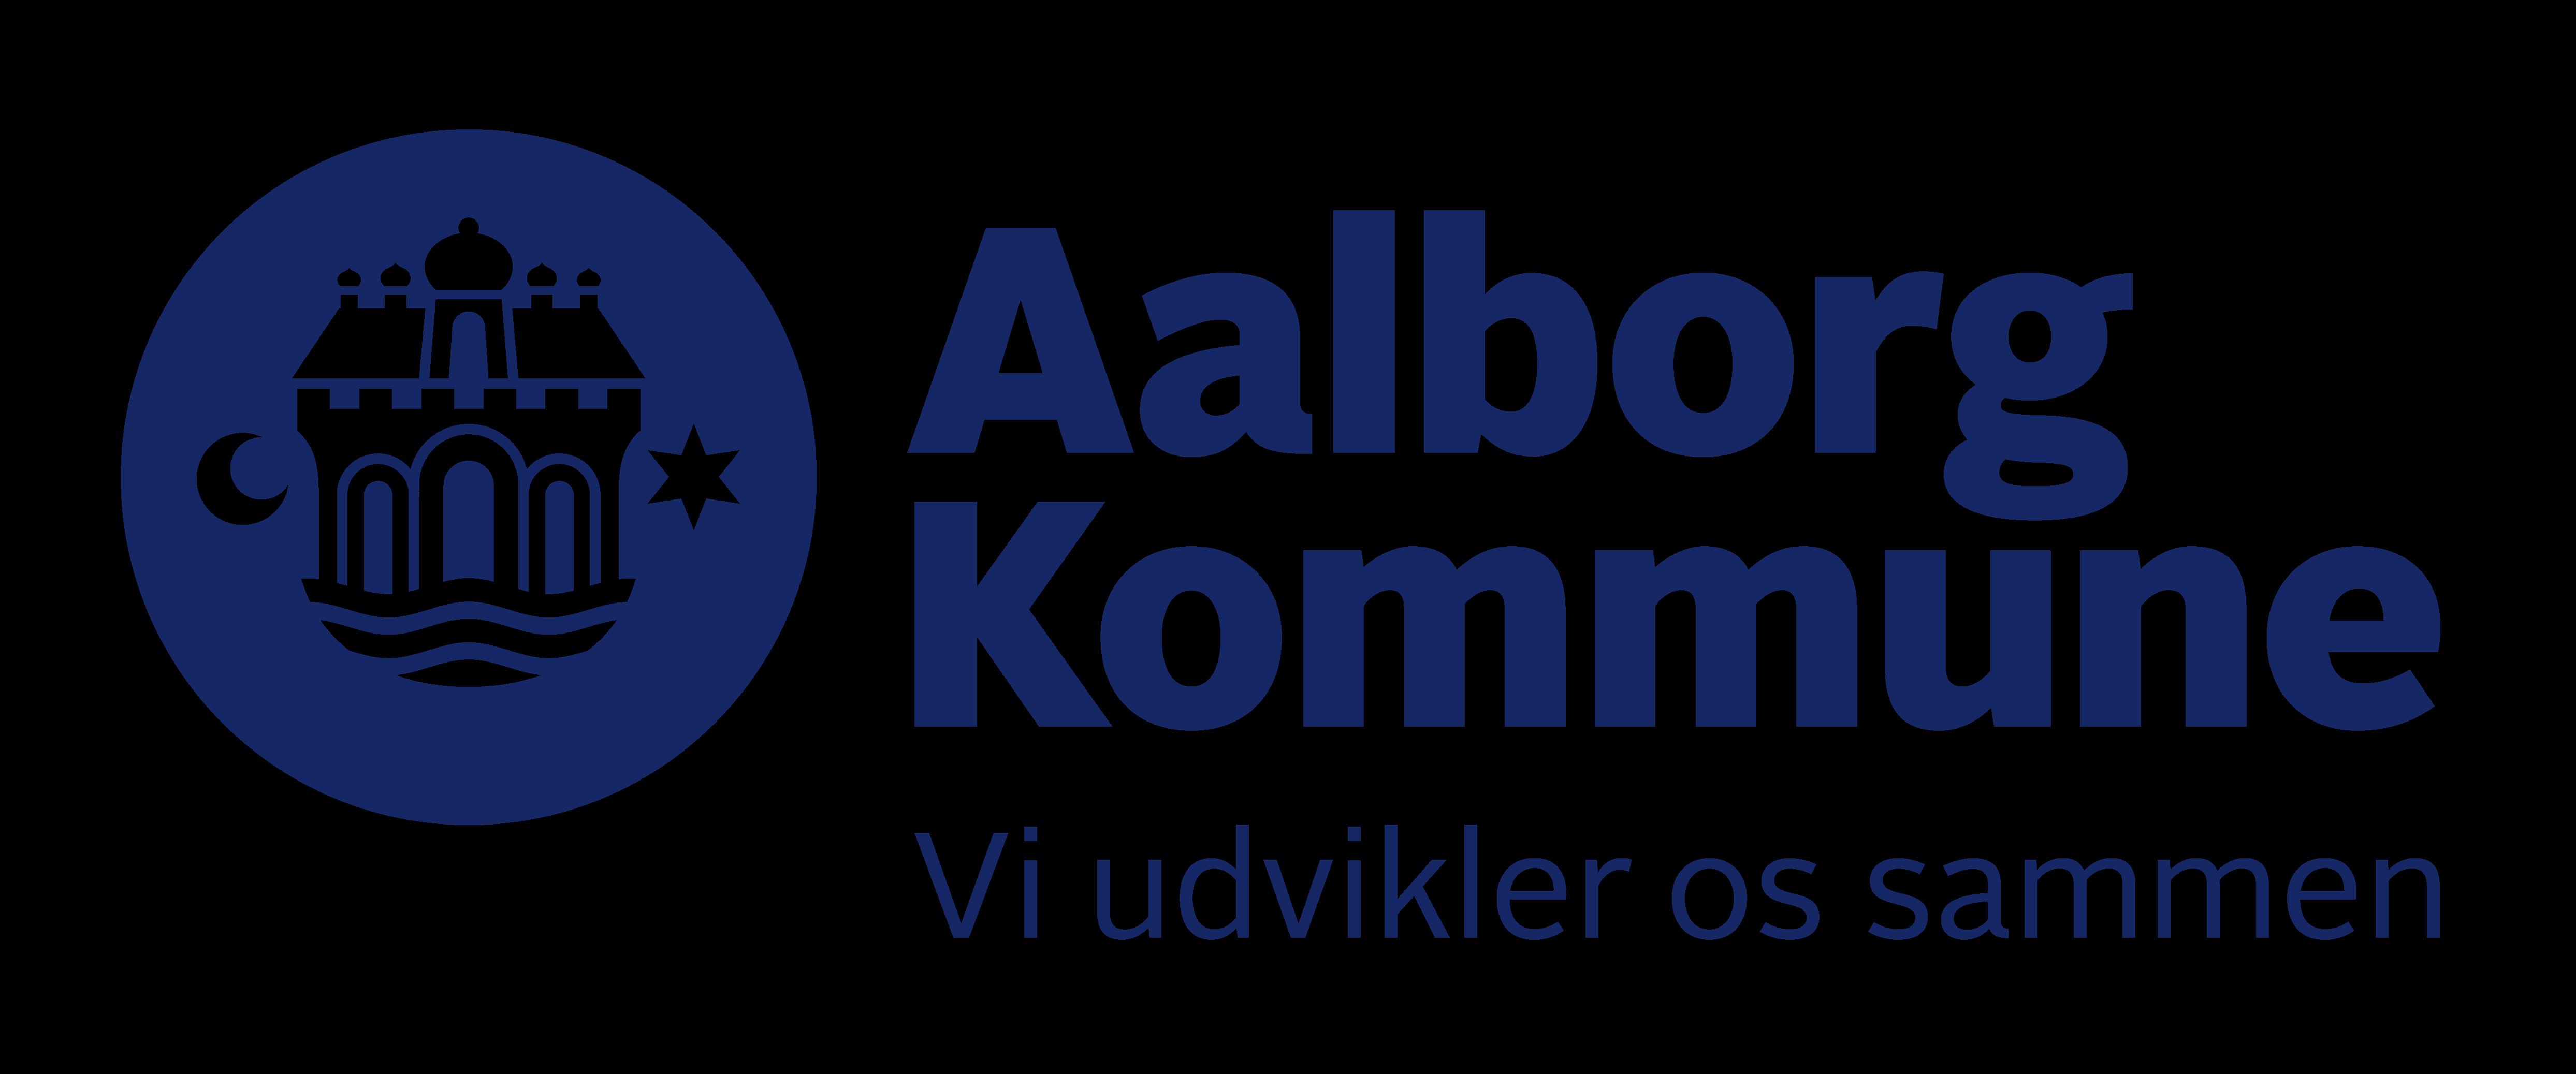 Over 5000 input til DNA Aalborg: Vi udvikler Aalborg sammen